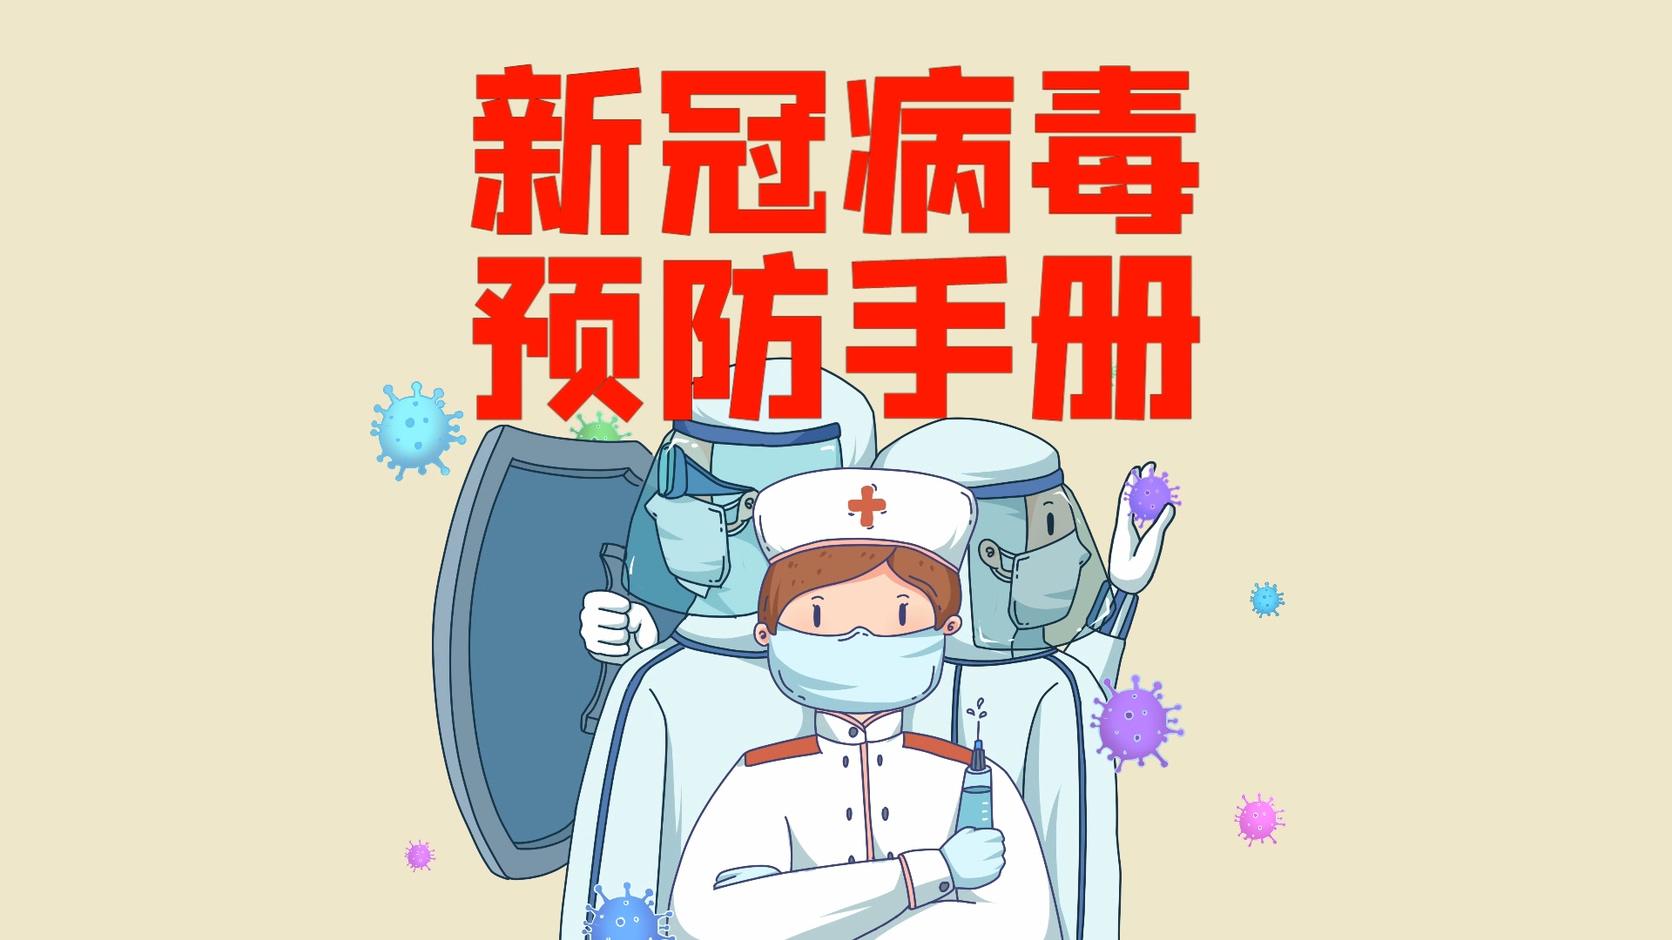 武汉疫情疫情预防卡通视频素材